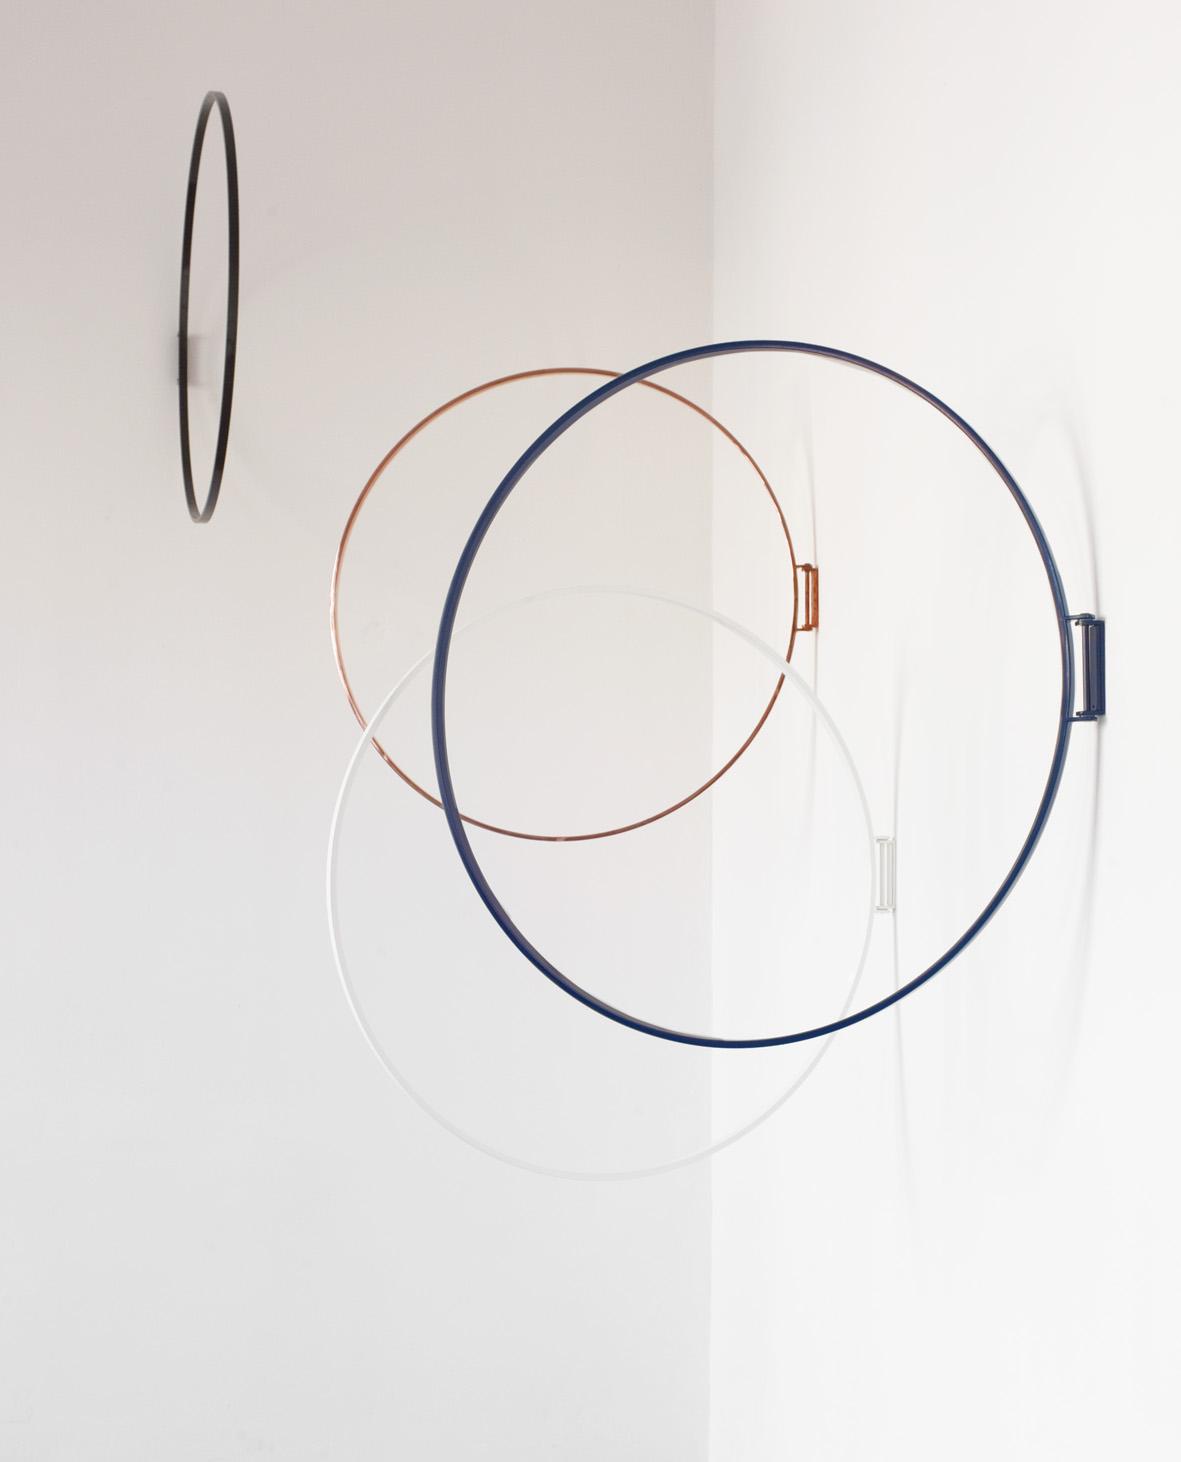 Ringe is a wall objekt from Zascho Petkow, Wardrobe